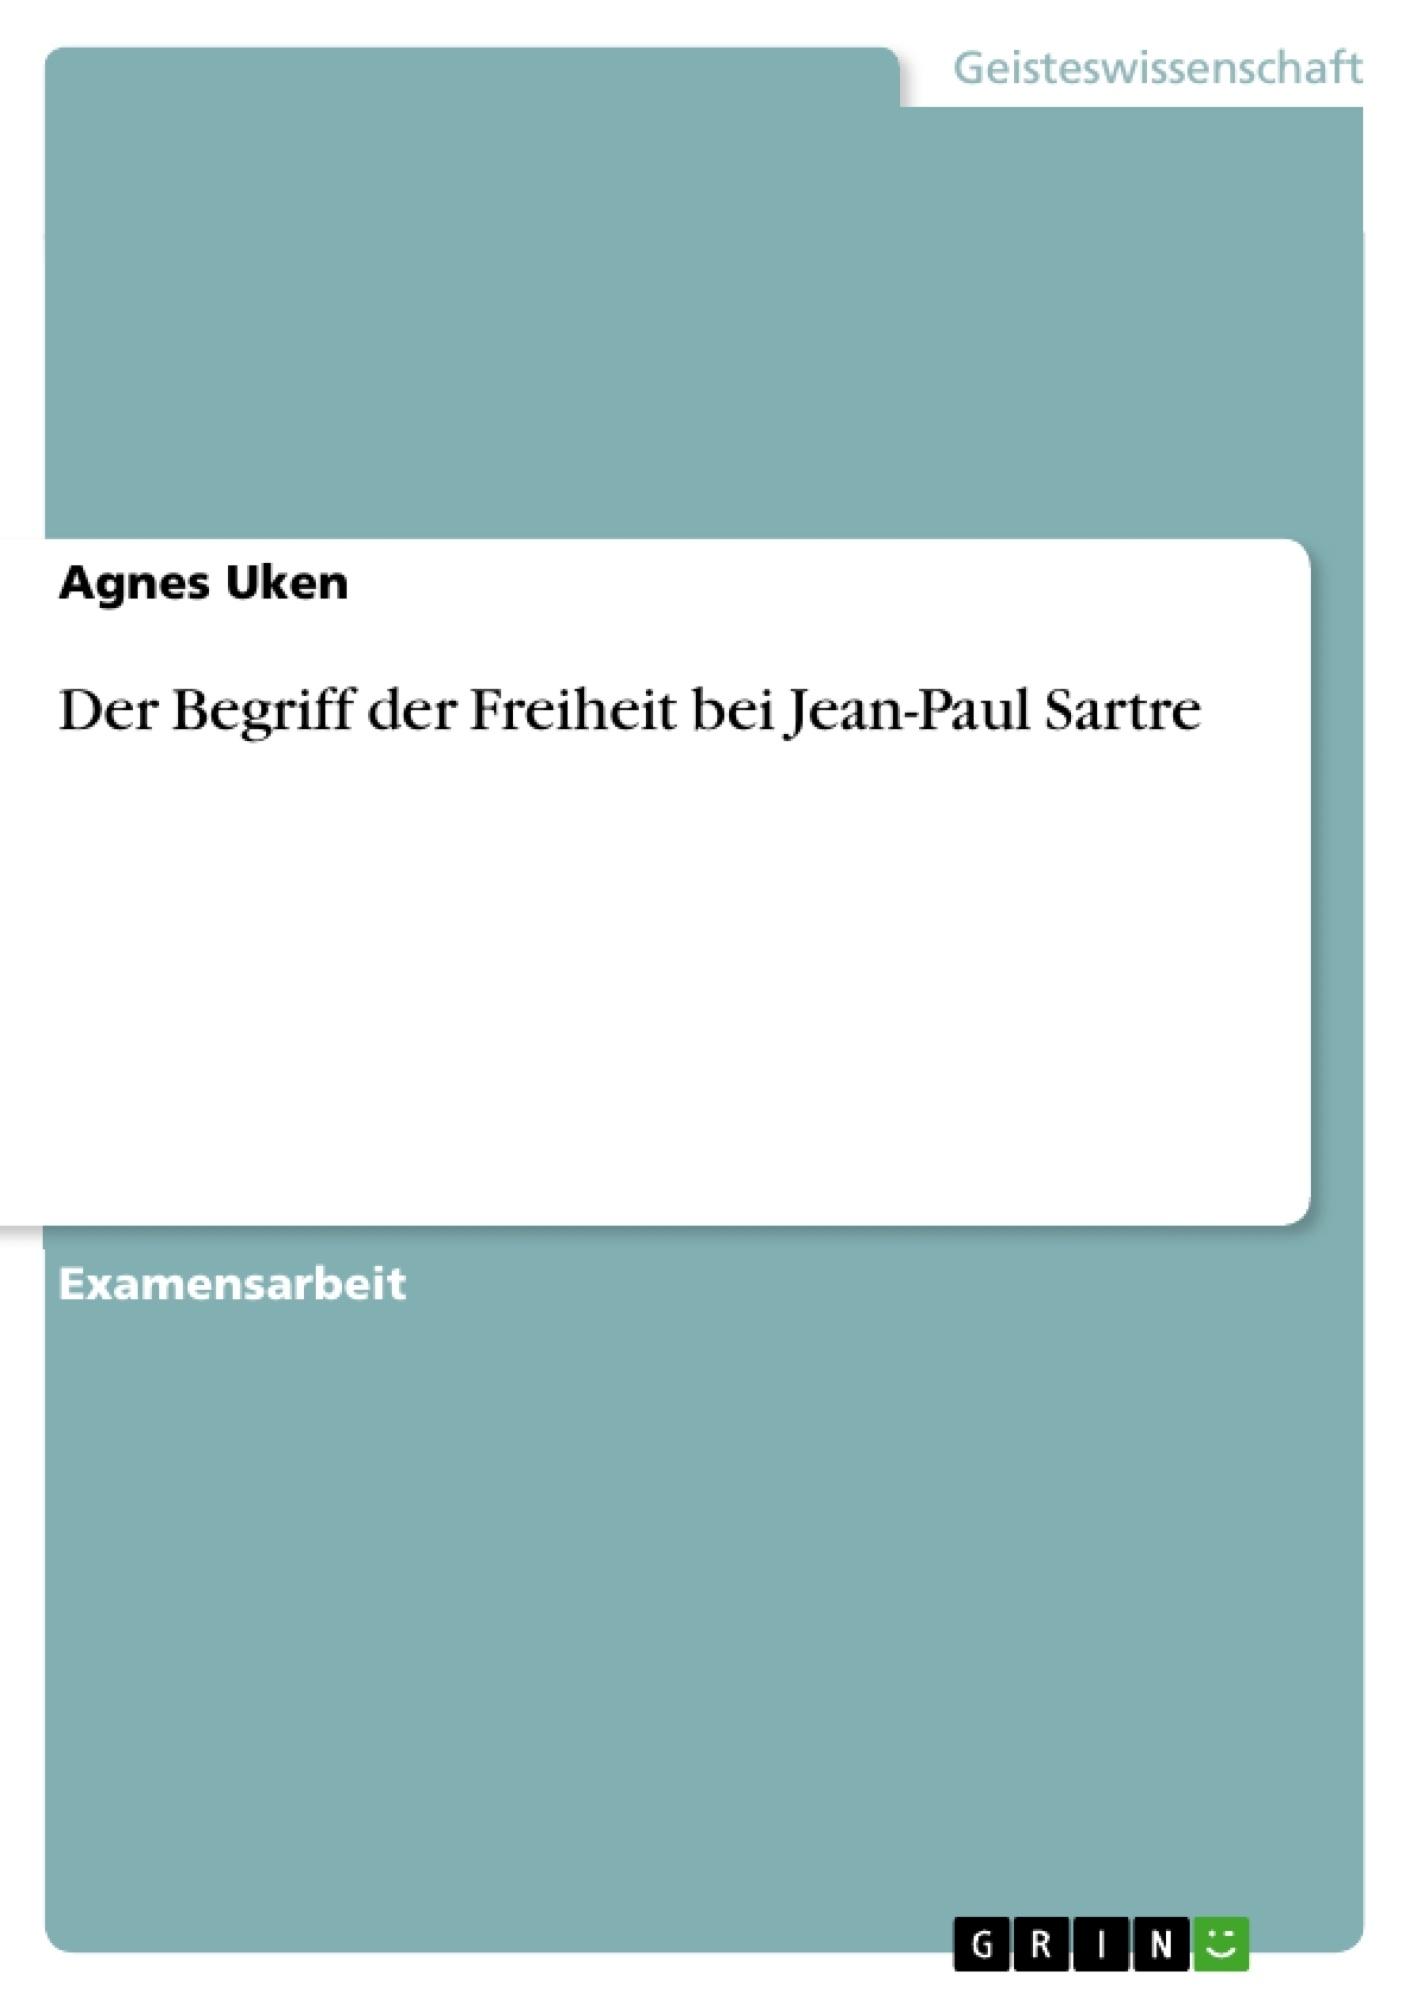 Titel: Der Begriff der Freiheit bei Jean-Paul Sartre